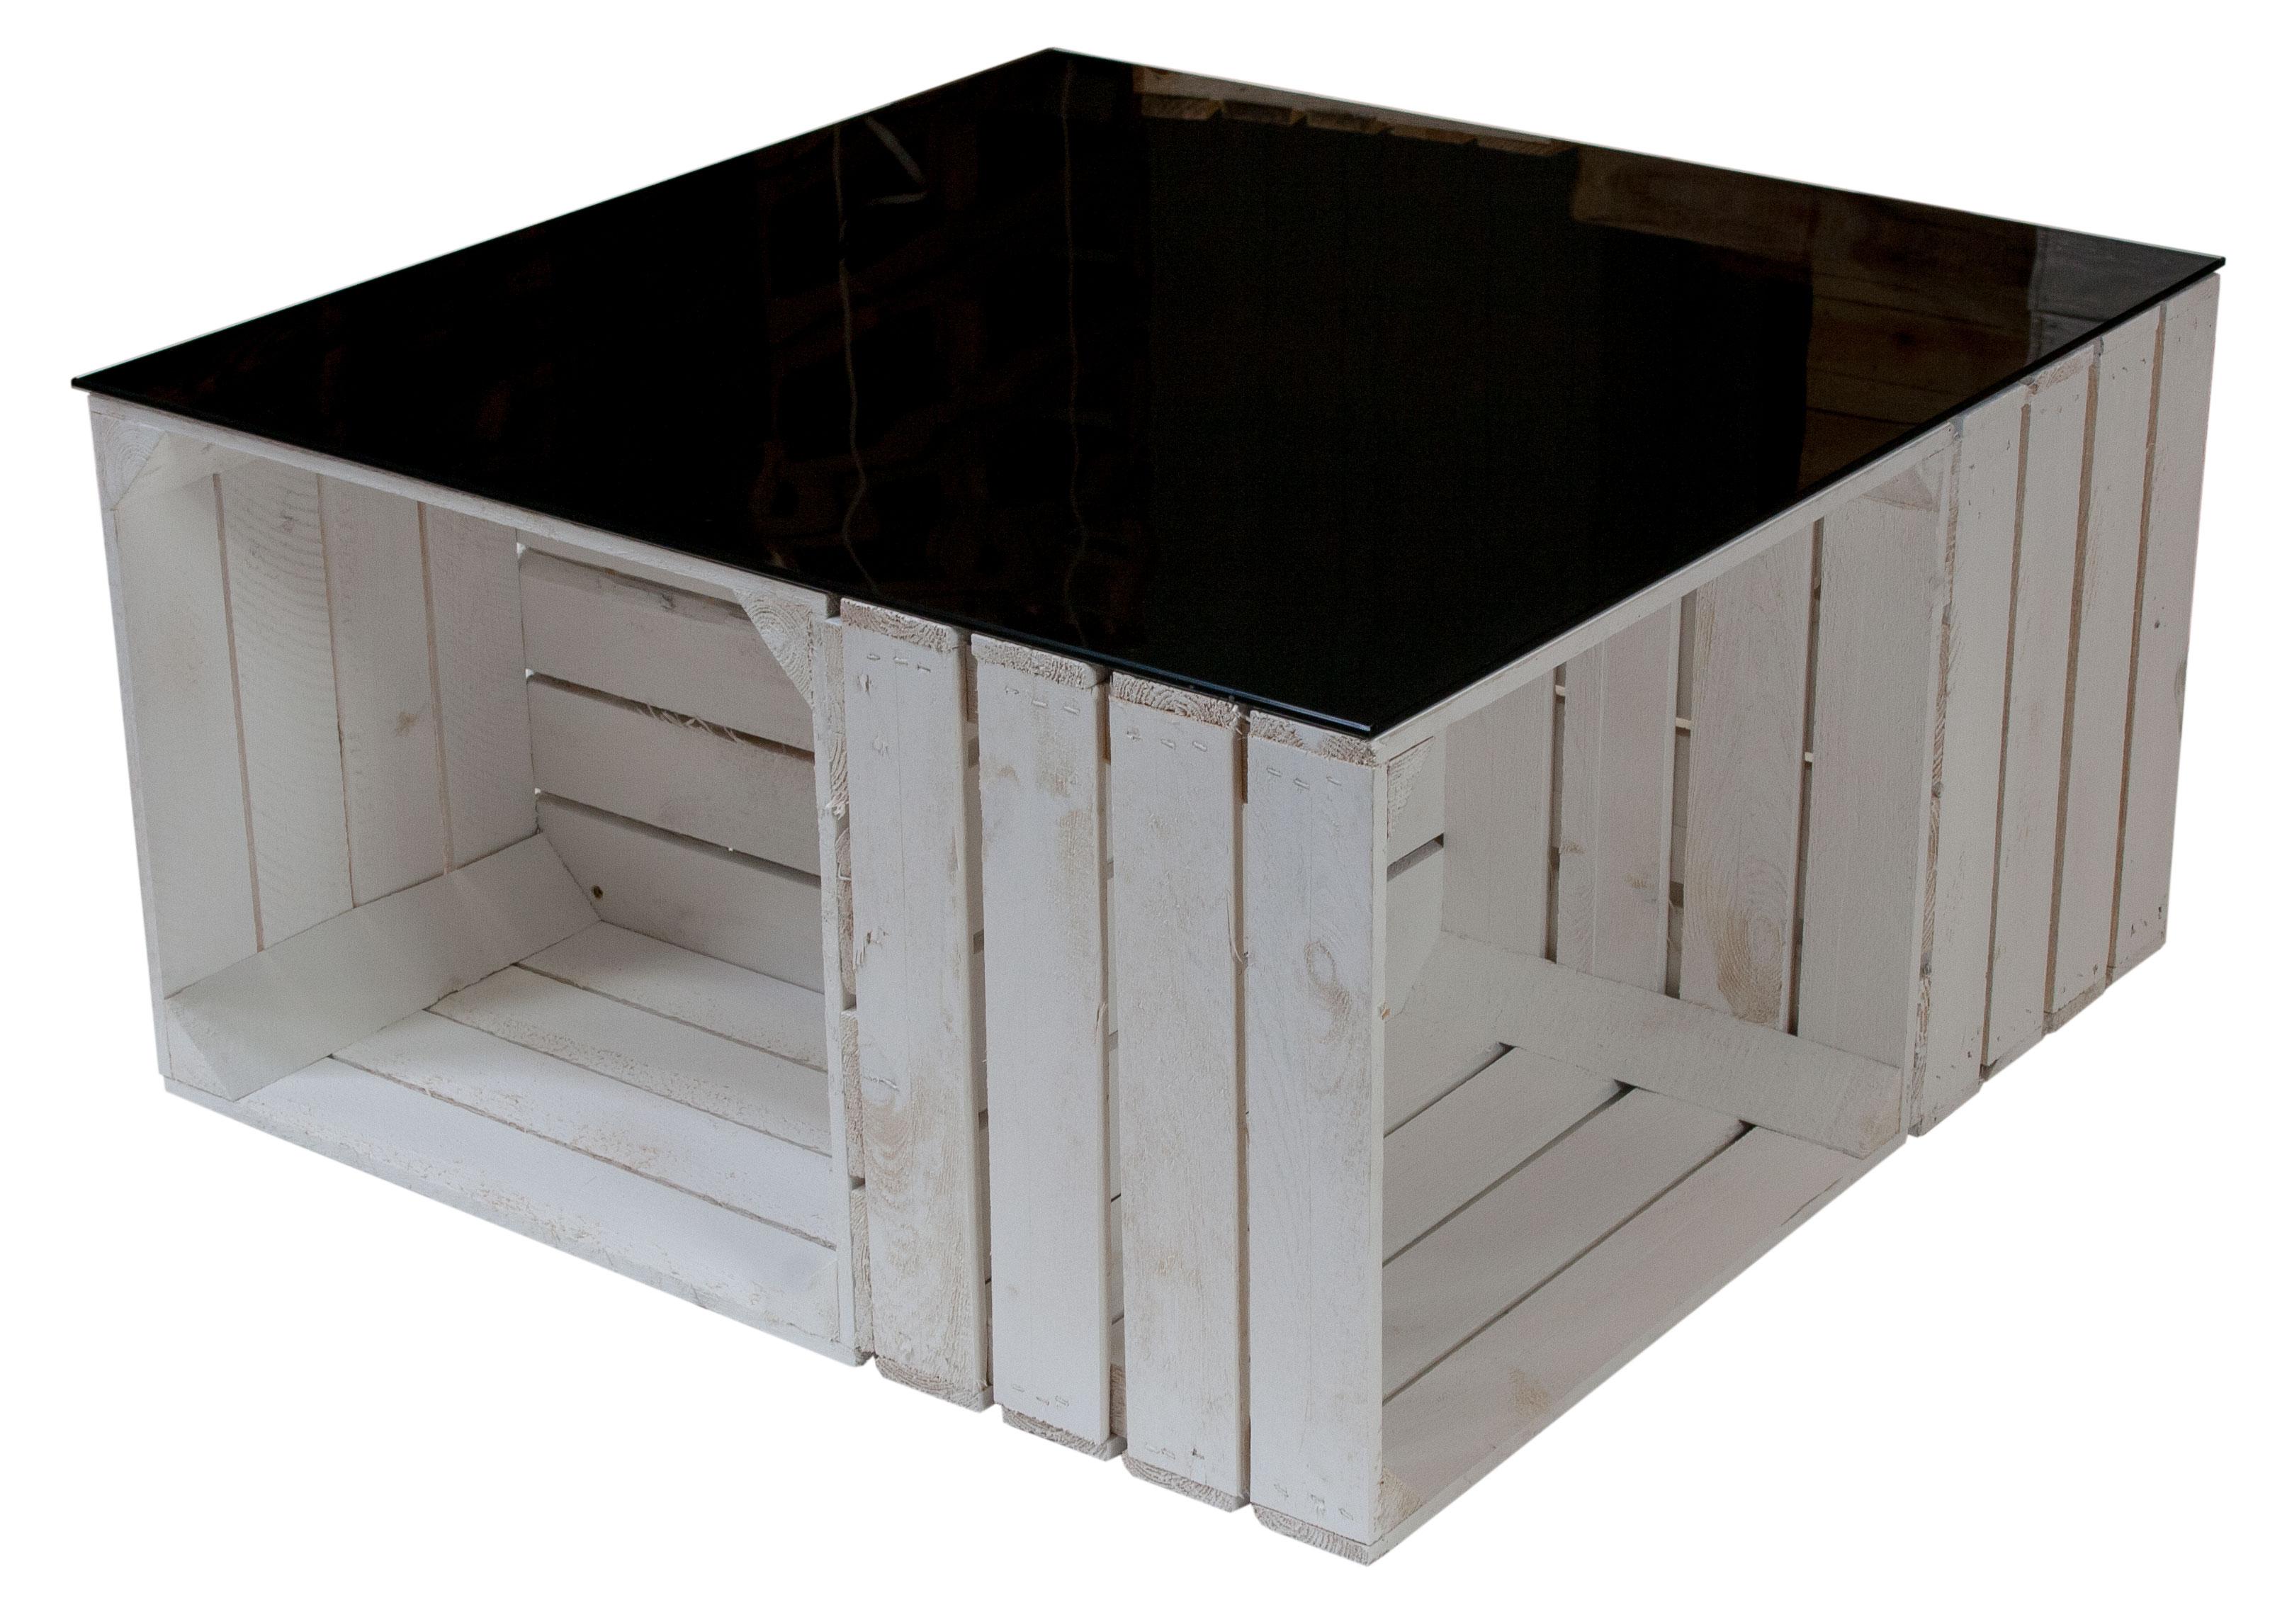 Weinkisten Shop möbel couchtisch aus weißen apfelkisten und schwarzer glasplatte